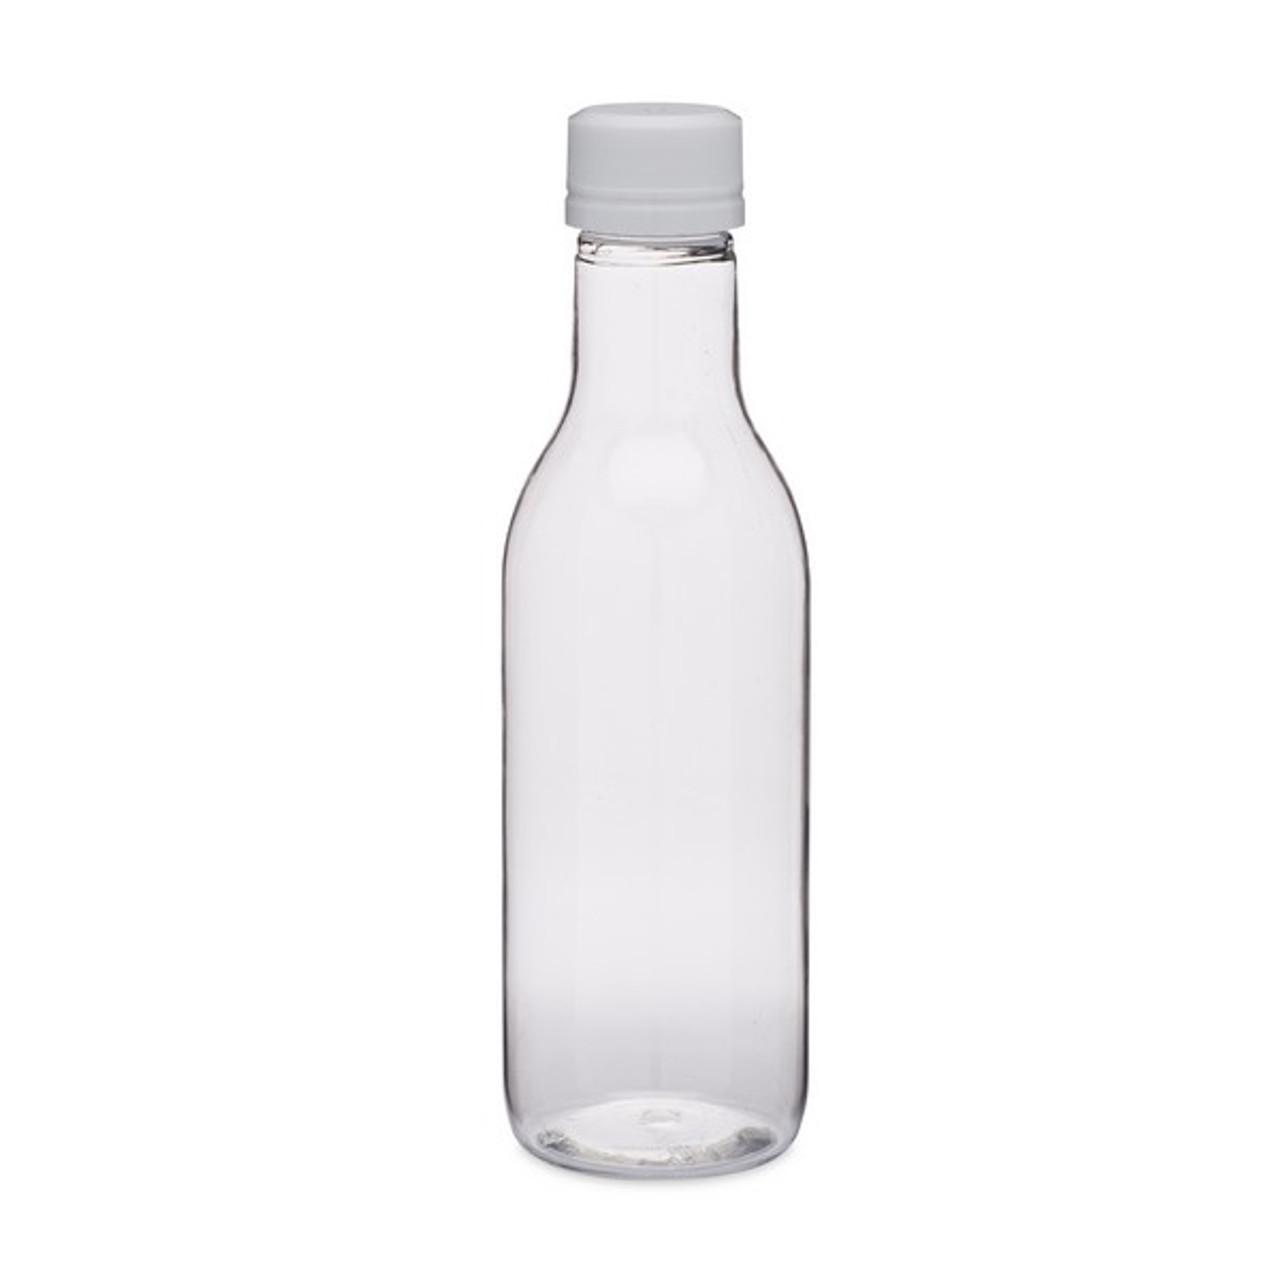 5e8f3d87209f 320 ml Clear PET Plastic Liquor Bottles (White Tamper-Evident Cap) - 7100B03